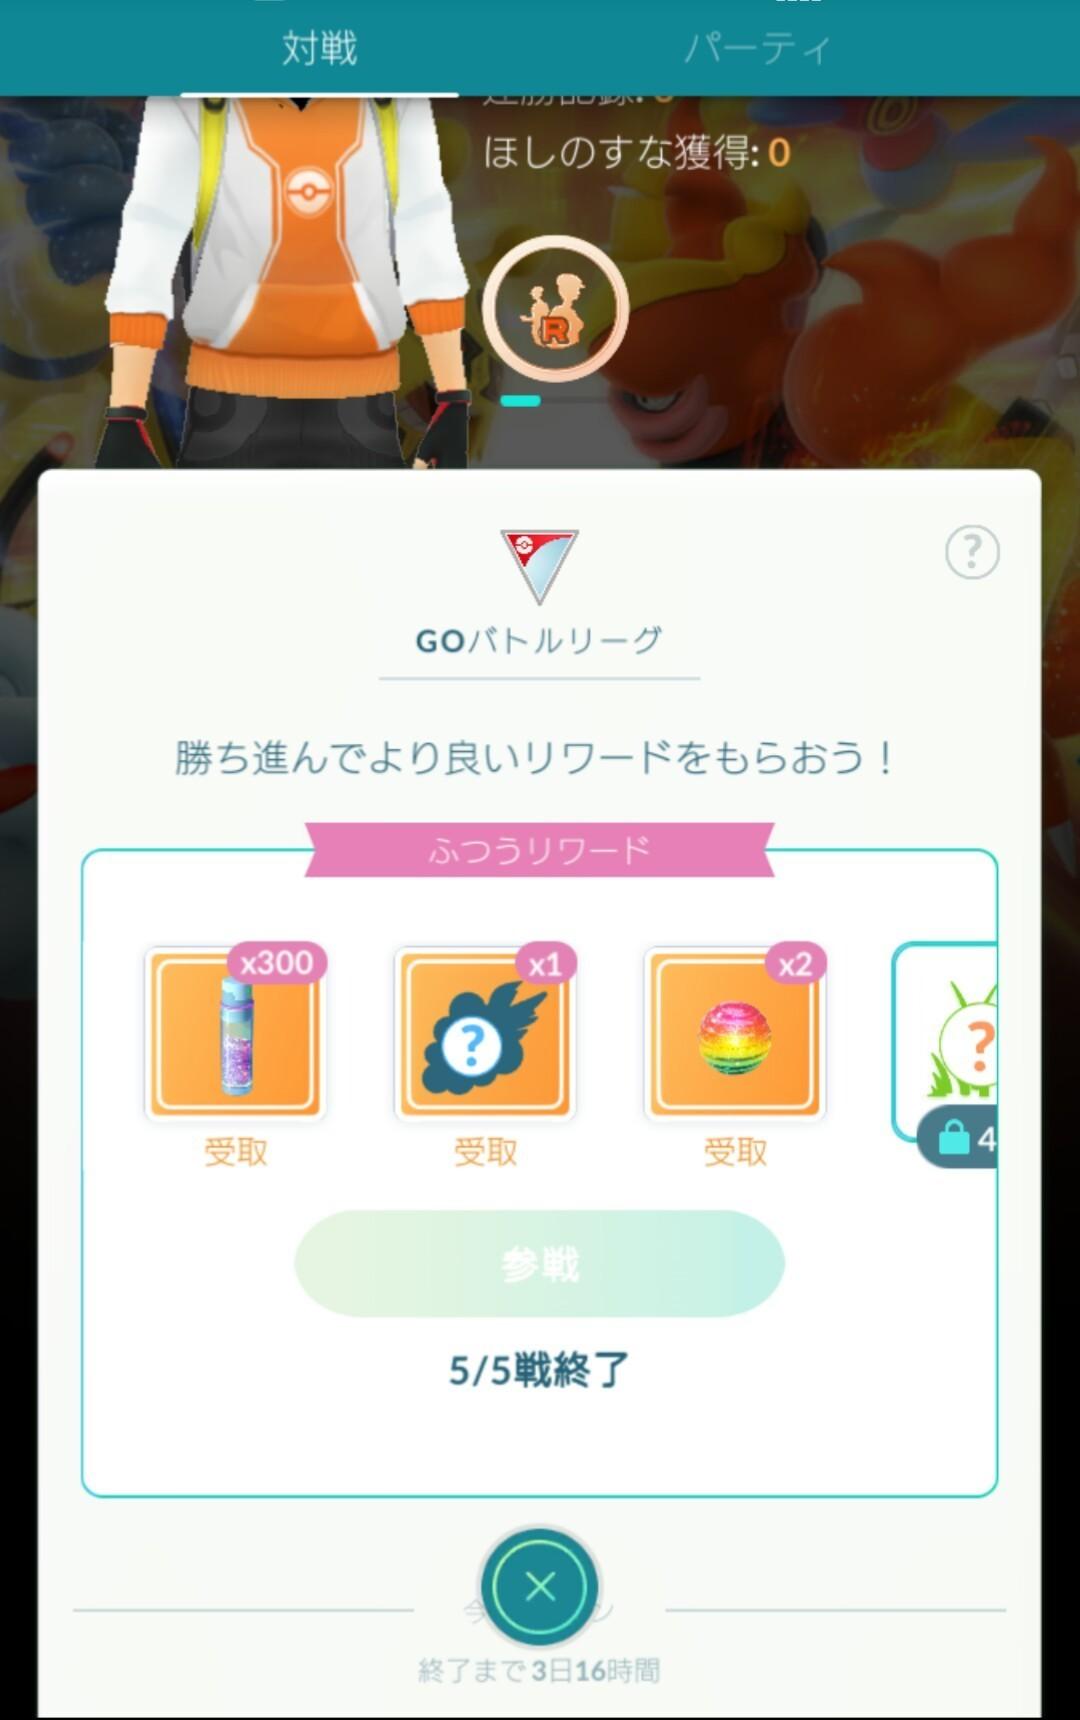 できない バトル ポケモン 参戦 go リーグ